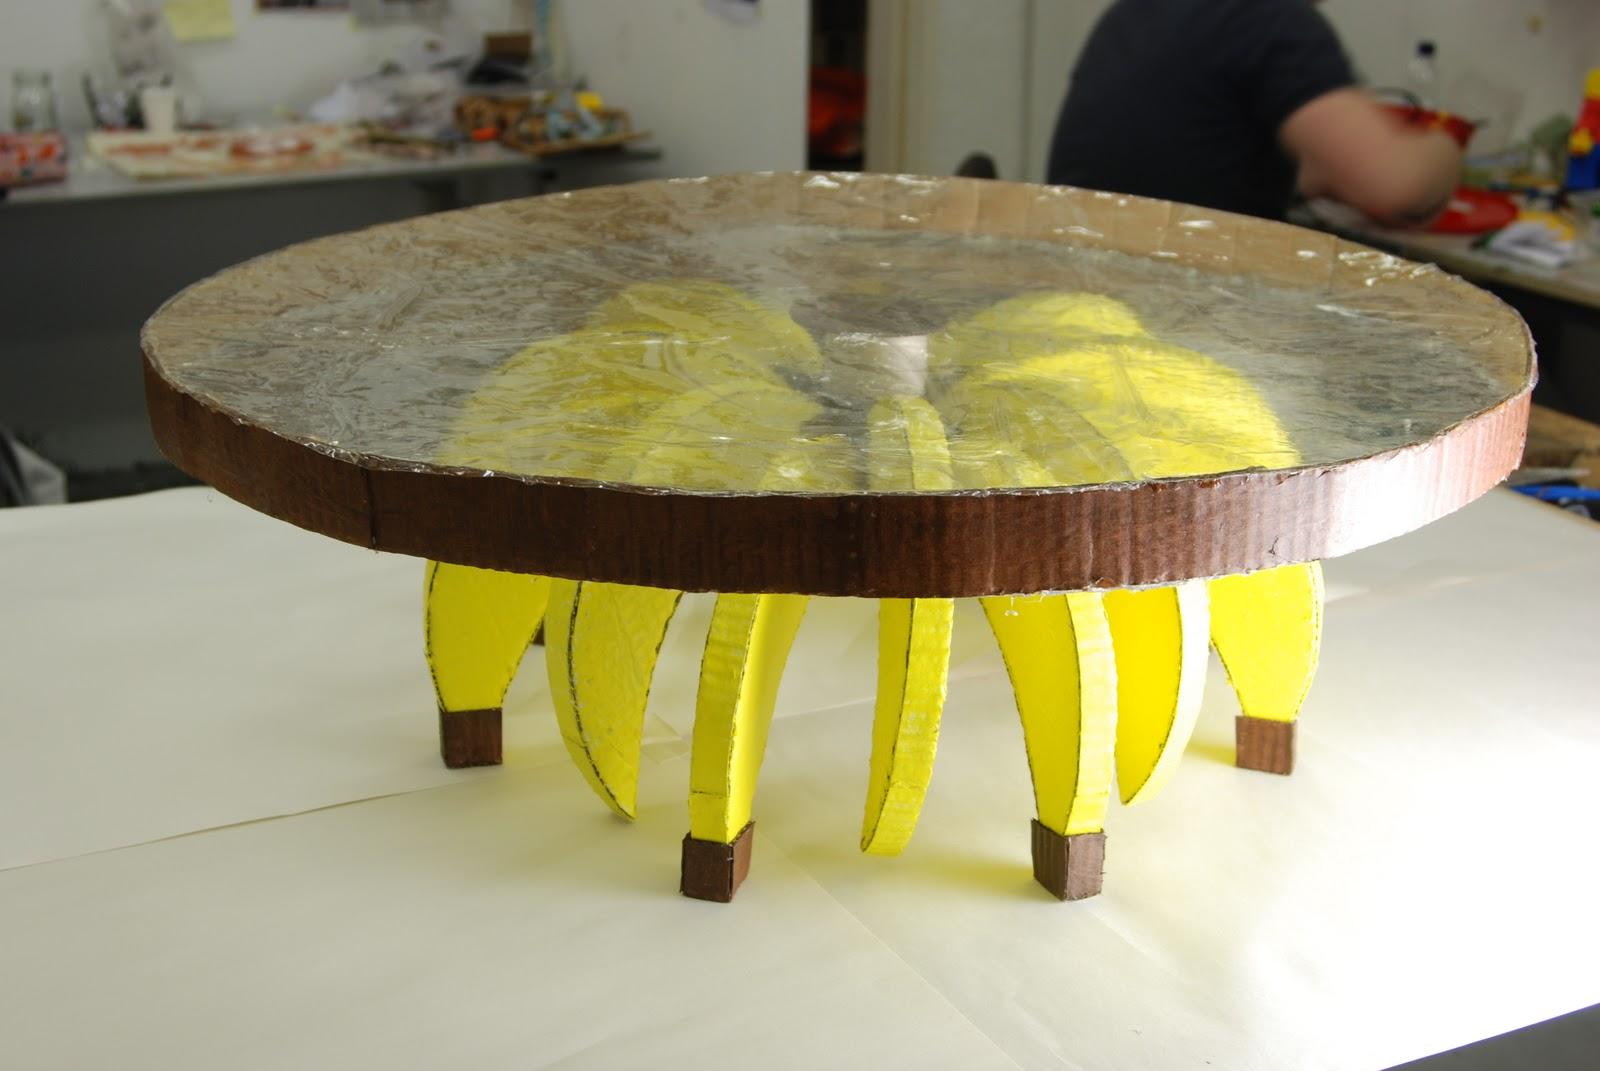 Banana On Table BANANA TABLE